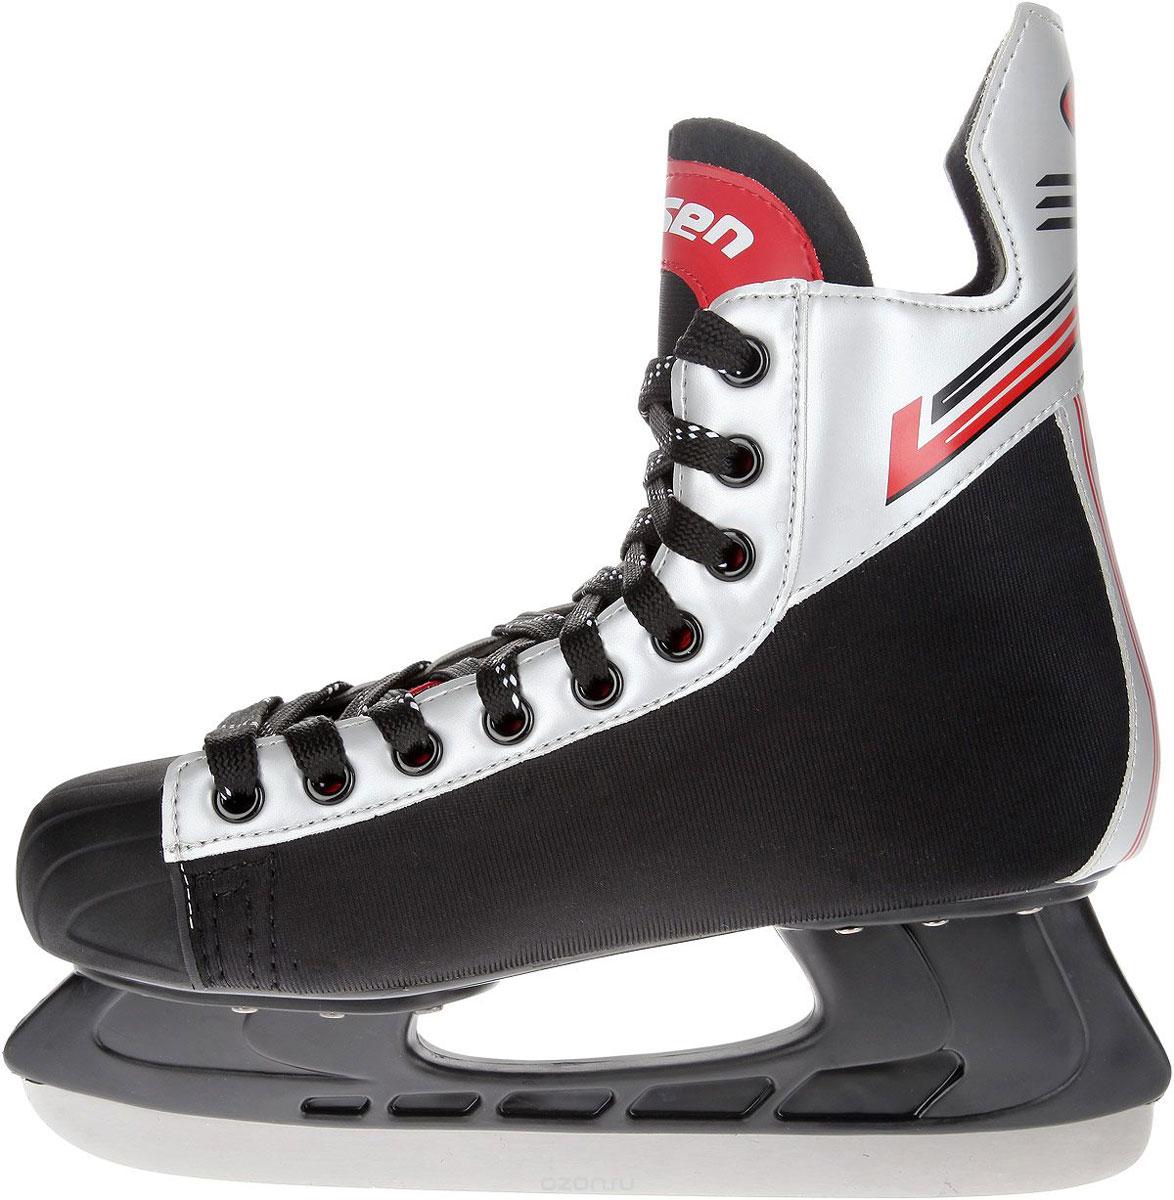 Коньки хоккейные мужские Larsen Alex, цвет: черный, серебристый, красный. Размер 35AlexСтильные коньки Alex от Larsen прекрасно подойдут для начинающих игроков в хоккей. Ботинок выполнен из нейлона и морозоустойчивого поливинилхлорида. Мыс дополнен вставкой из полиуретана, которая защитит ноги от ударов. Внутренний слой изготовлен из мягкого текстиля, который обеспечит тепло и комфорт во время катания, язычок - из войлока. Плотная шнуровка надежно фиксирует модель на ноге. Голеностоп имеет удобный суппорт. Стелька из EVA с текстильной поверхностью обеспечит комфортное катание. Стойка выполнена из ударопрочного полипропилена. Лезвие из нержавеющей стали обеспечит превосходное скольжение. В комплект входят пластиковые чехлы для лезвий.